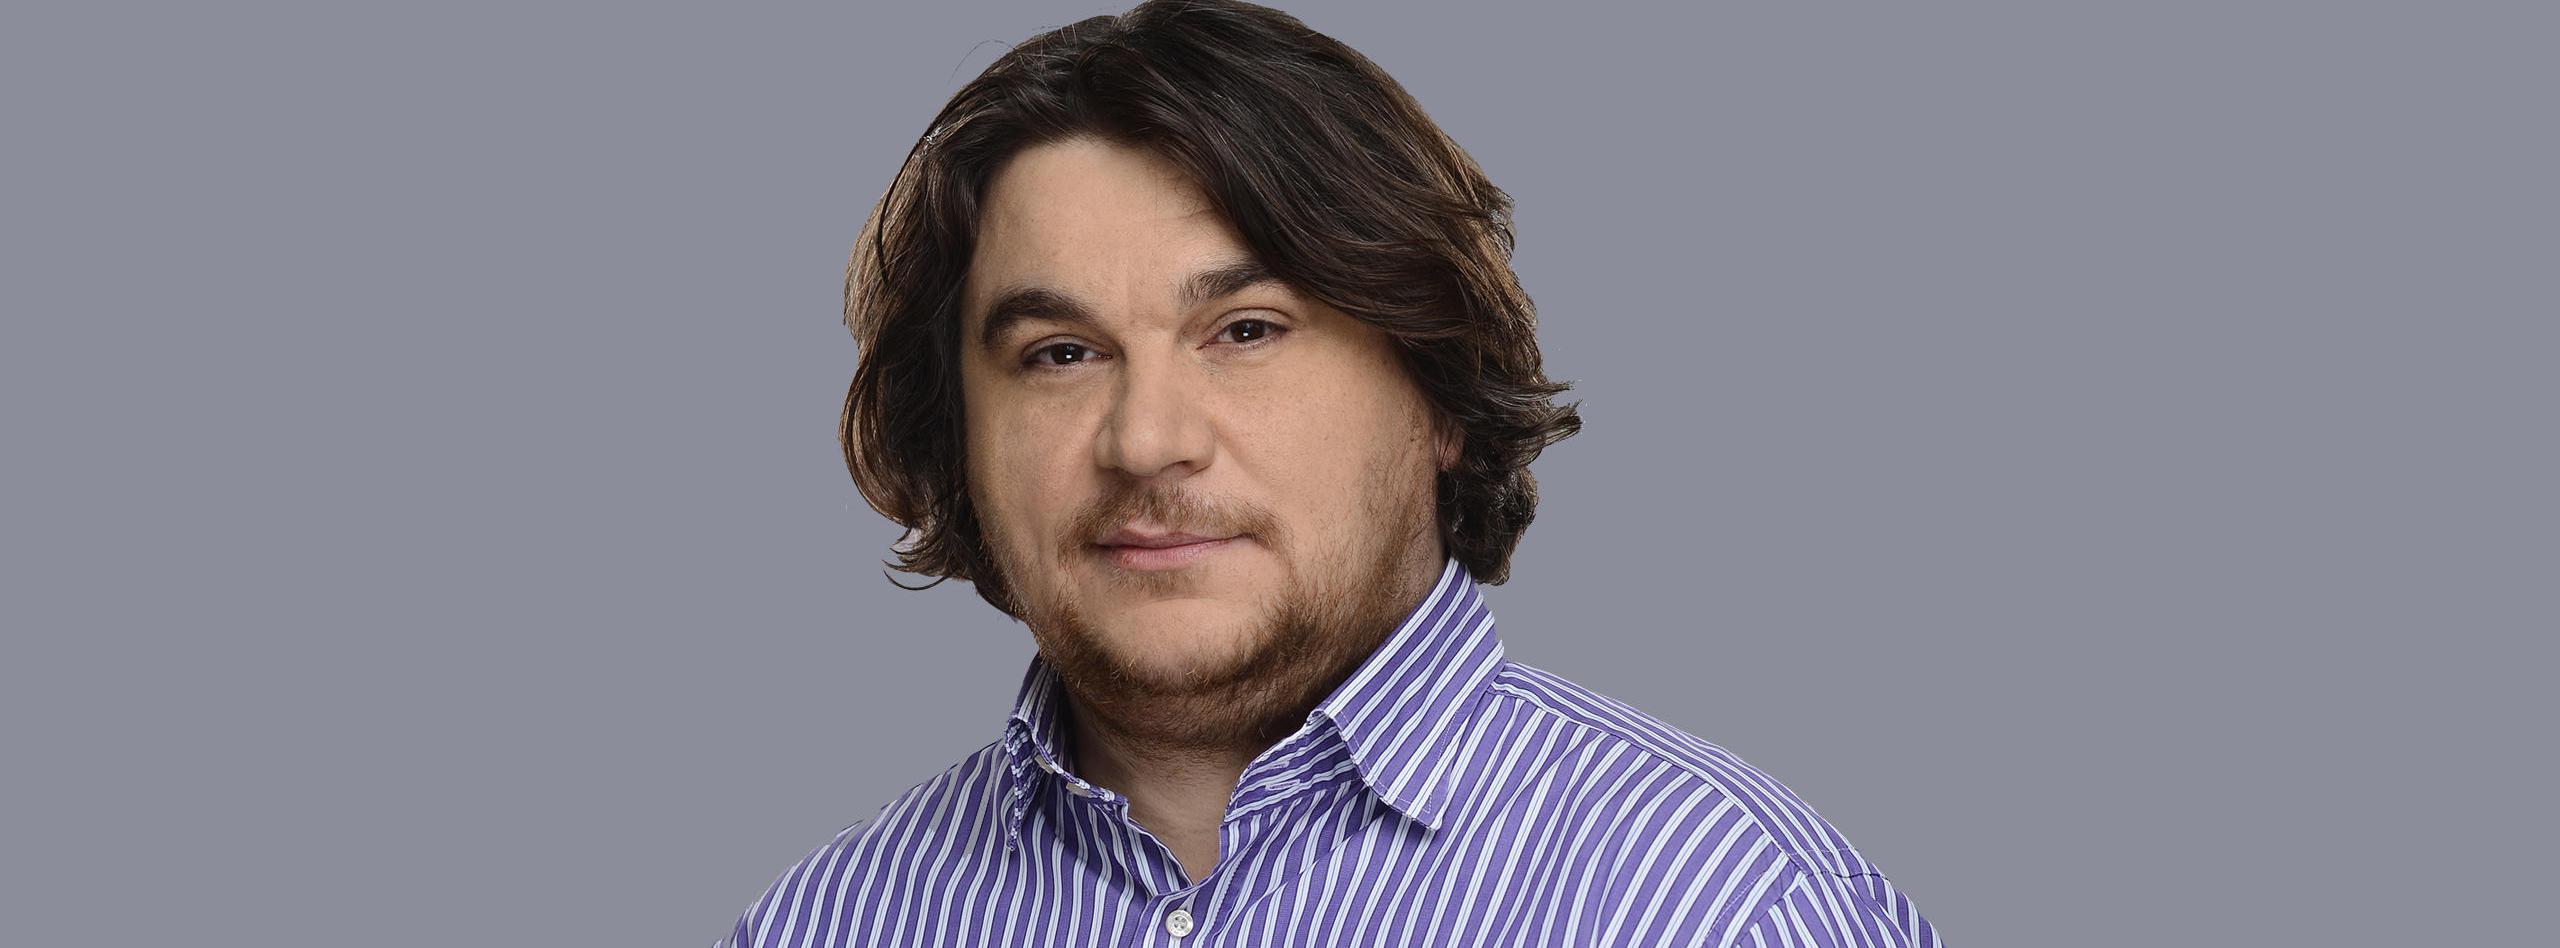 Валерий Вареница четко спрогнозировал развитие рынка телерекламы в 2014